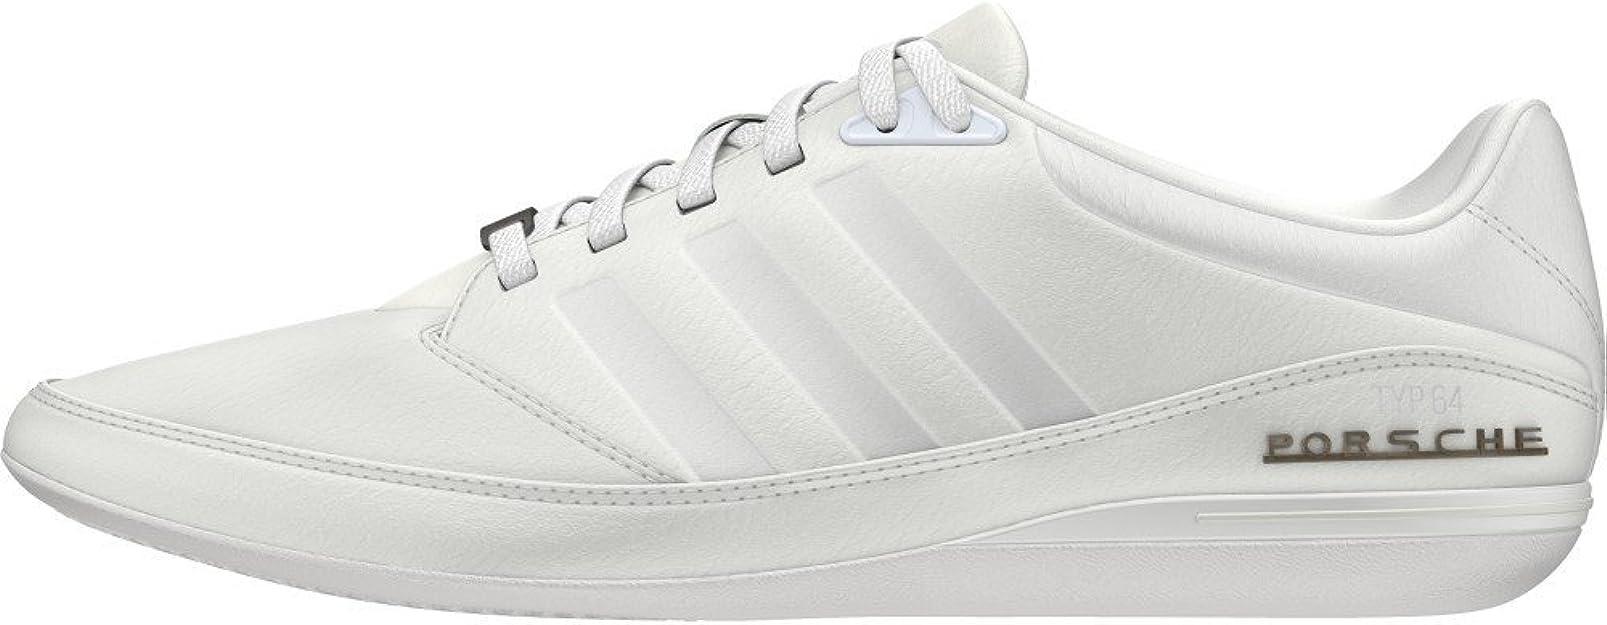 Zapatillas para hombre Adidas, Porsche Typ 64 2.0, color Blanco, talla 48 EU: Amazon.es: Zapatos y complementos